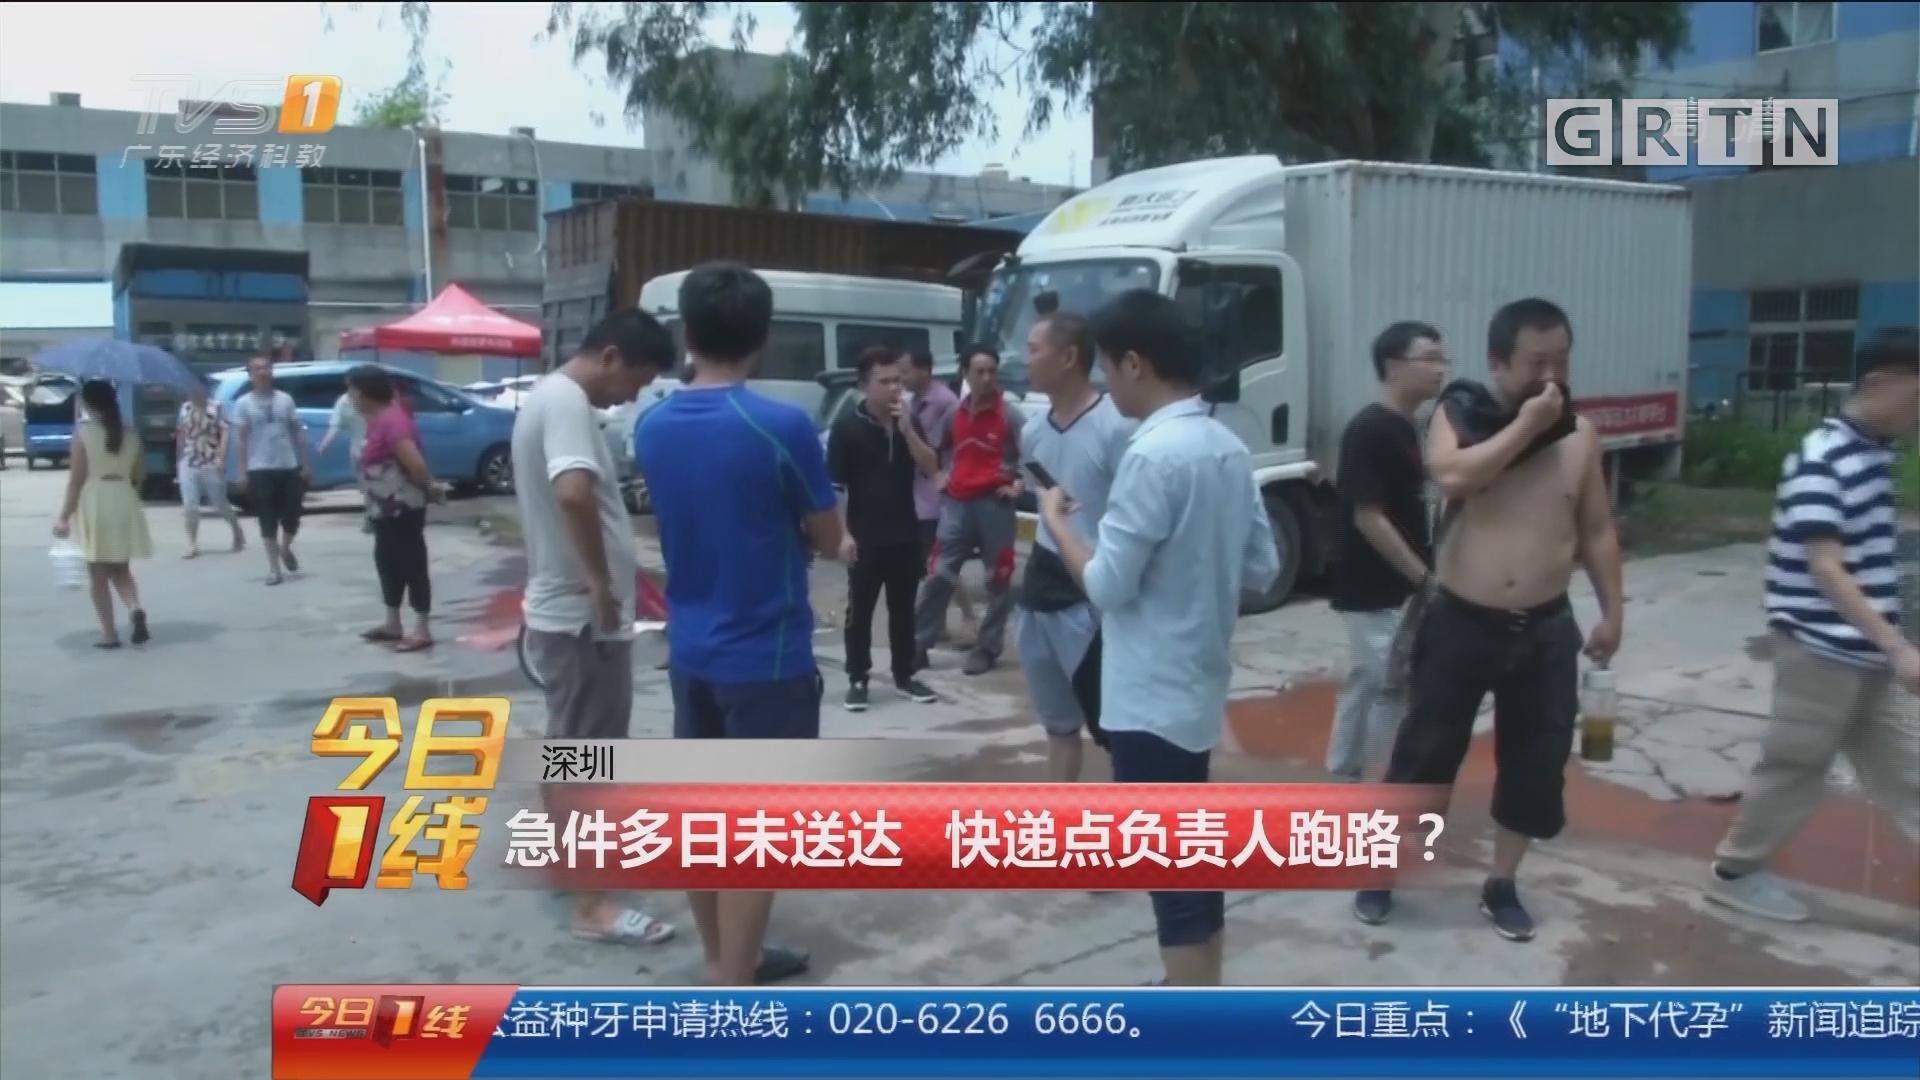 深圳:急件多日未送达 快递点负责人跑路?